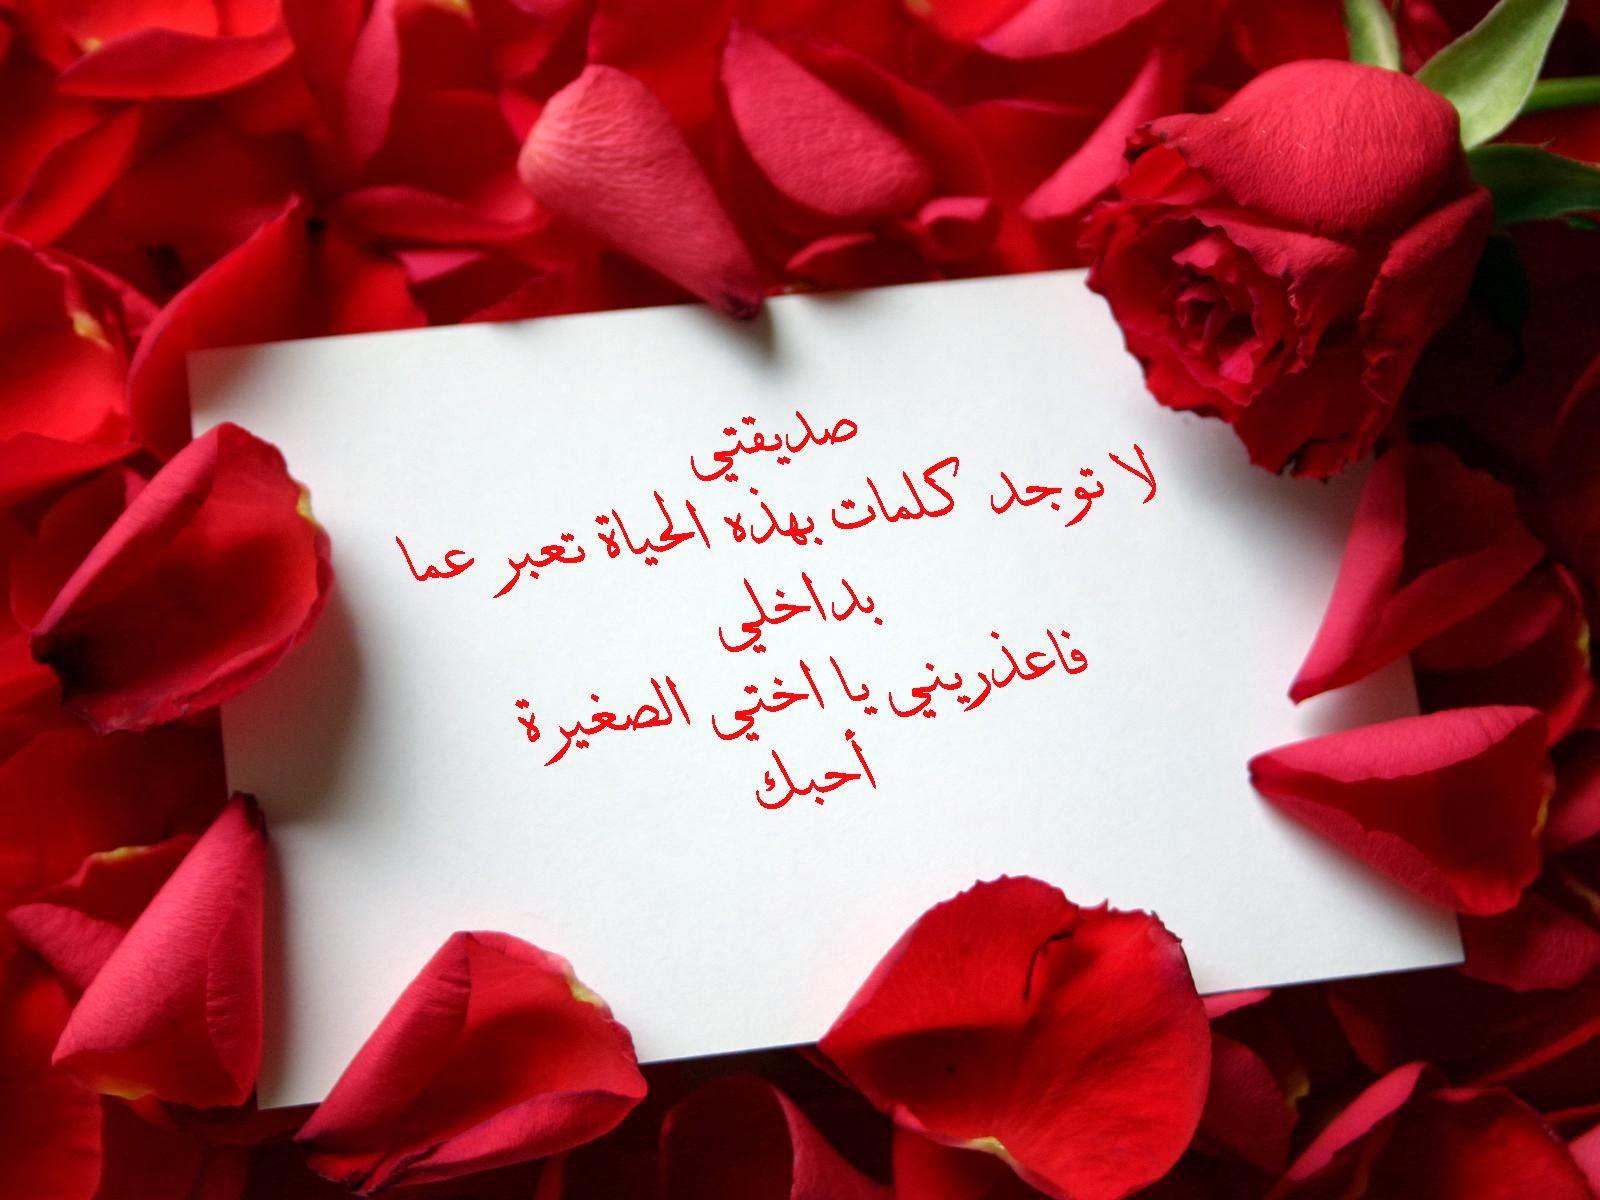 صورة اجمل عبارات الحب والرومانسية , رومنسيات وحب وعبارات تقشعر لها الابدان